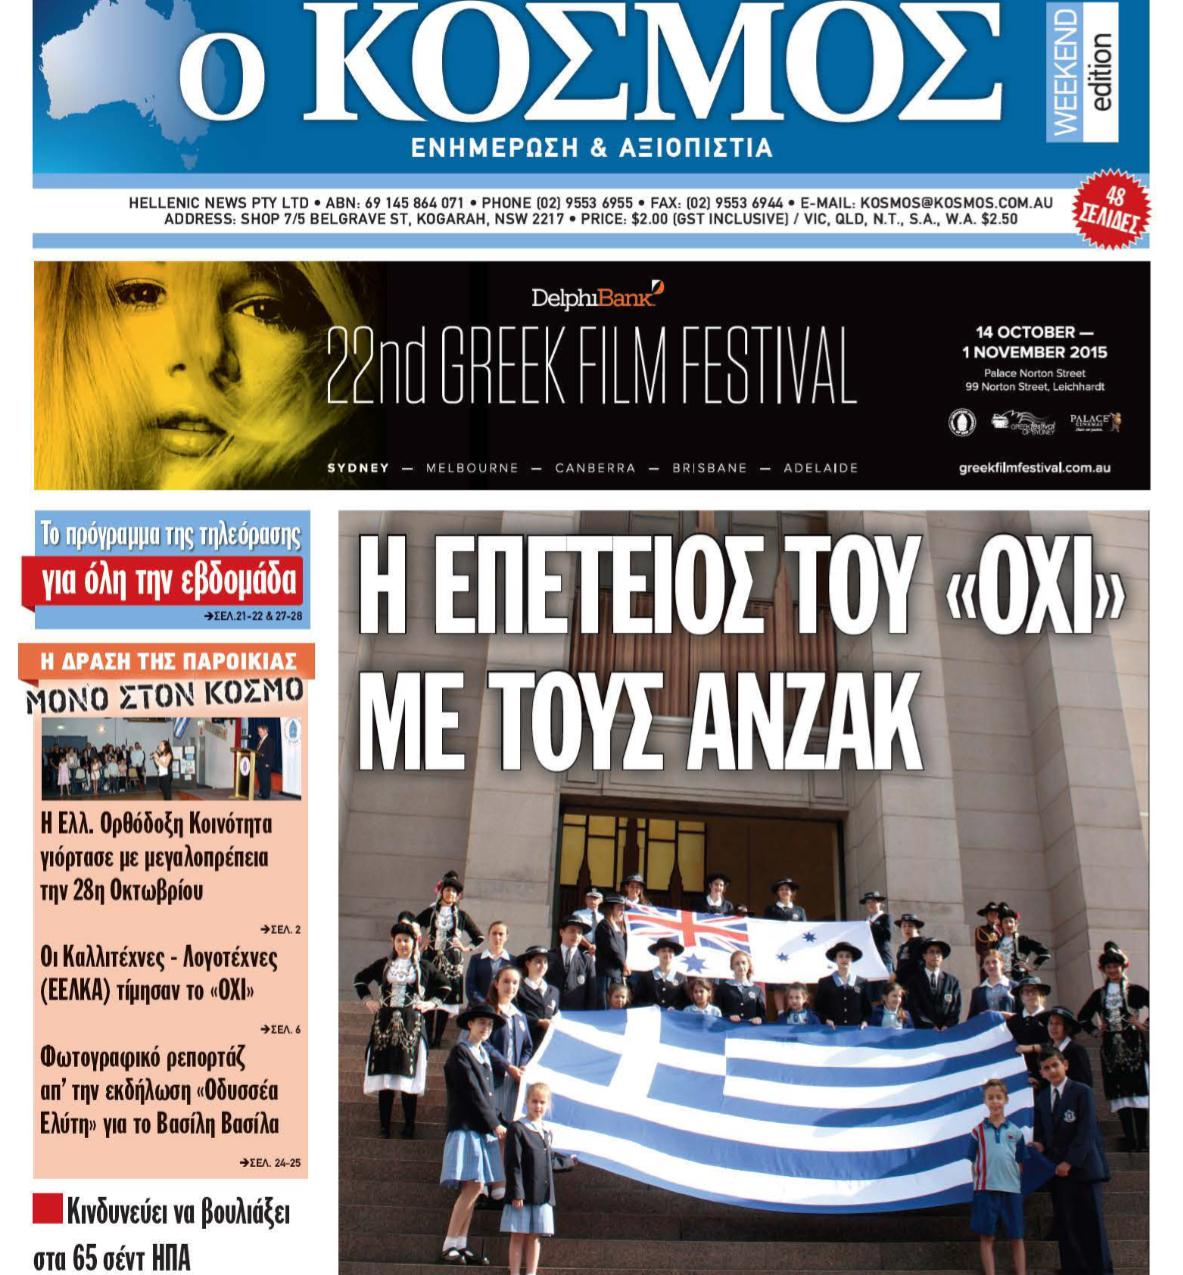 Kosmos - OXI DAY and ANZACs